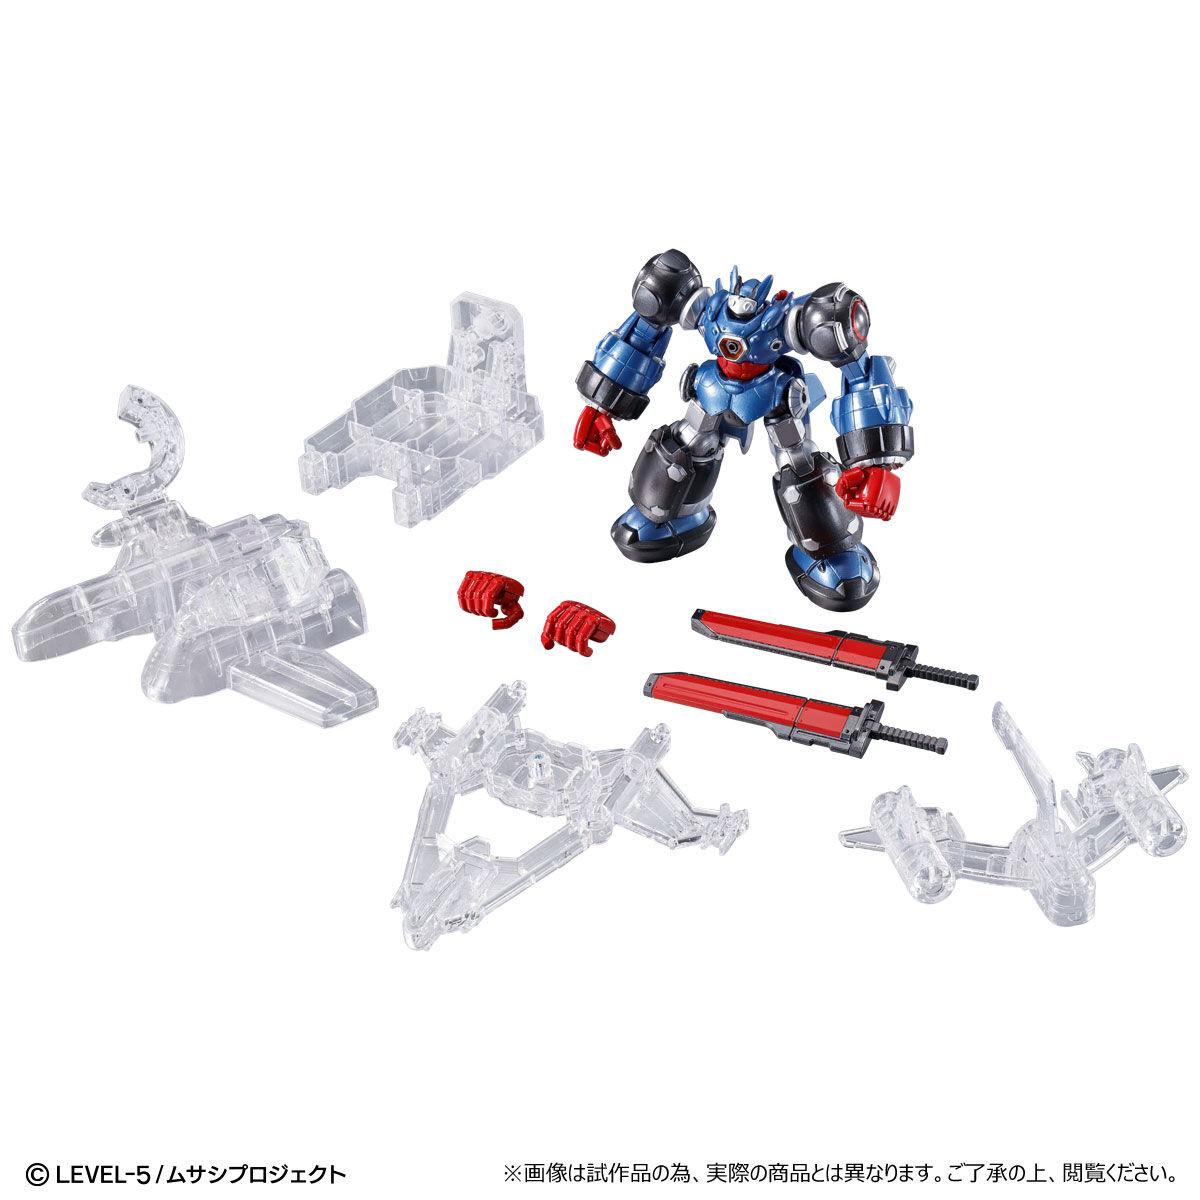 【限定販売】超弩級シリーズ『メガトン級ムサシ』可動フィギュア-009